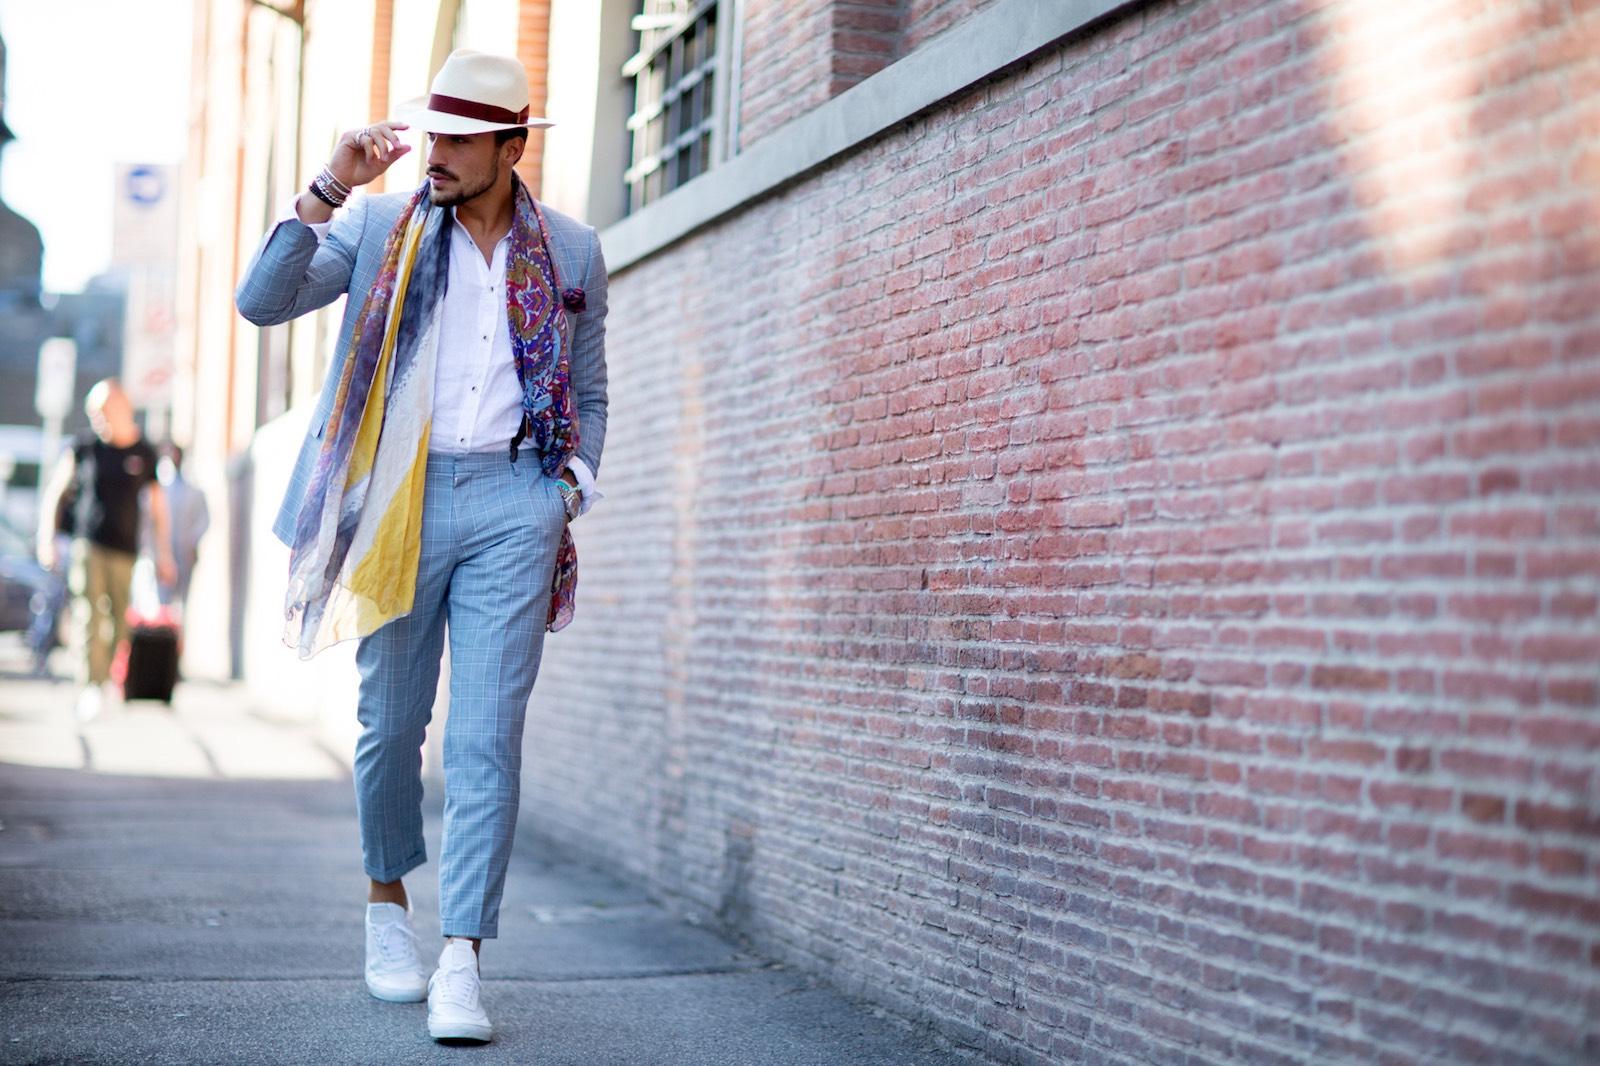 Moda Nuove Regole Della Vestiti Le Sportive Scarpe E Uomo Eleganti vqwTzWU